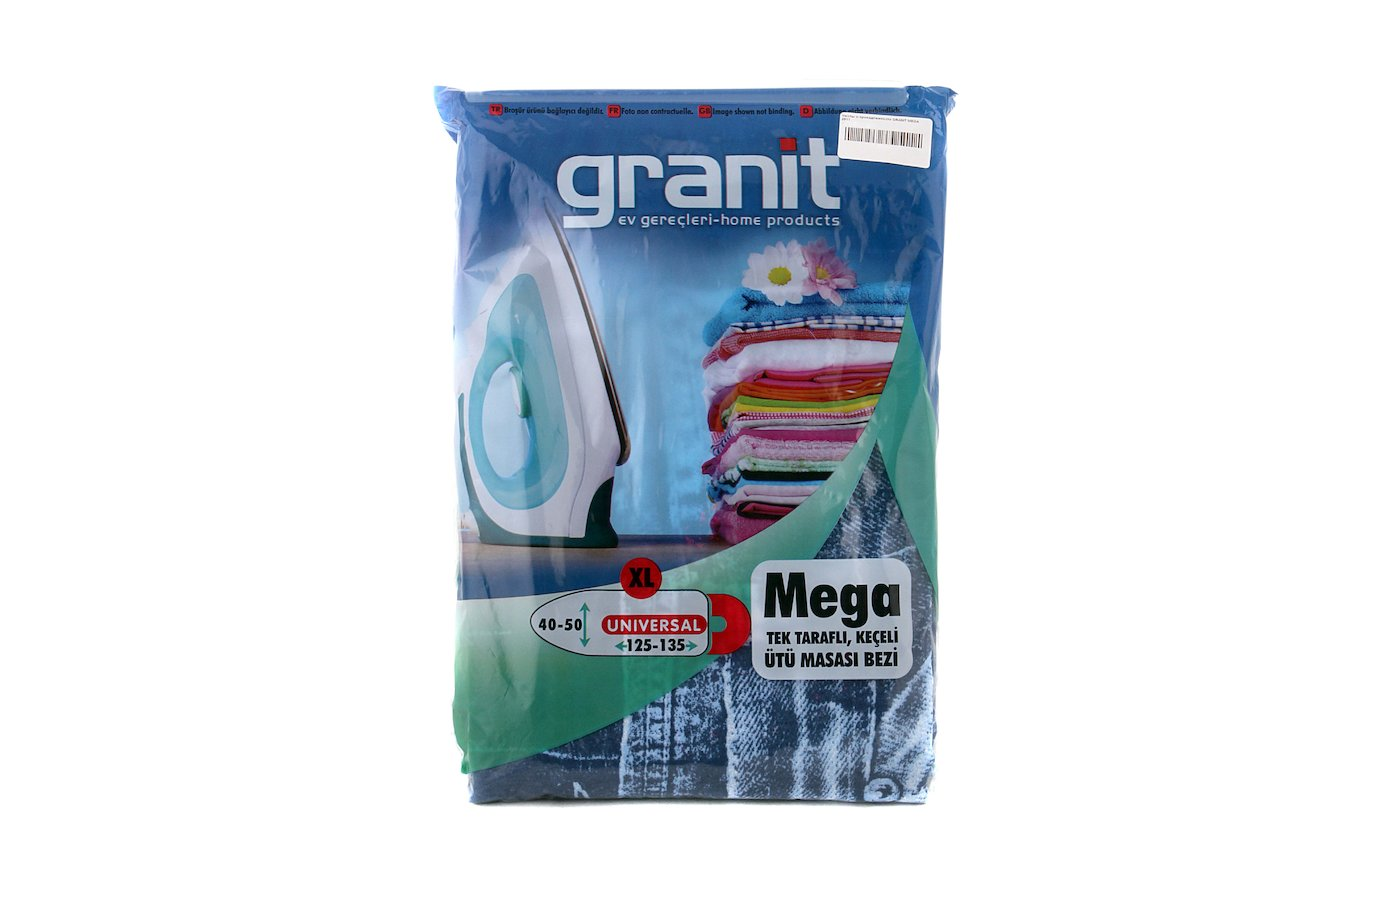 Чехлы и принадлежности для глажки GRANIT MEGA 2511